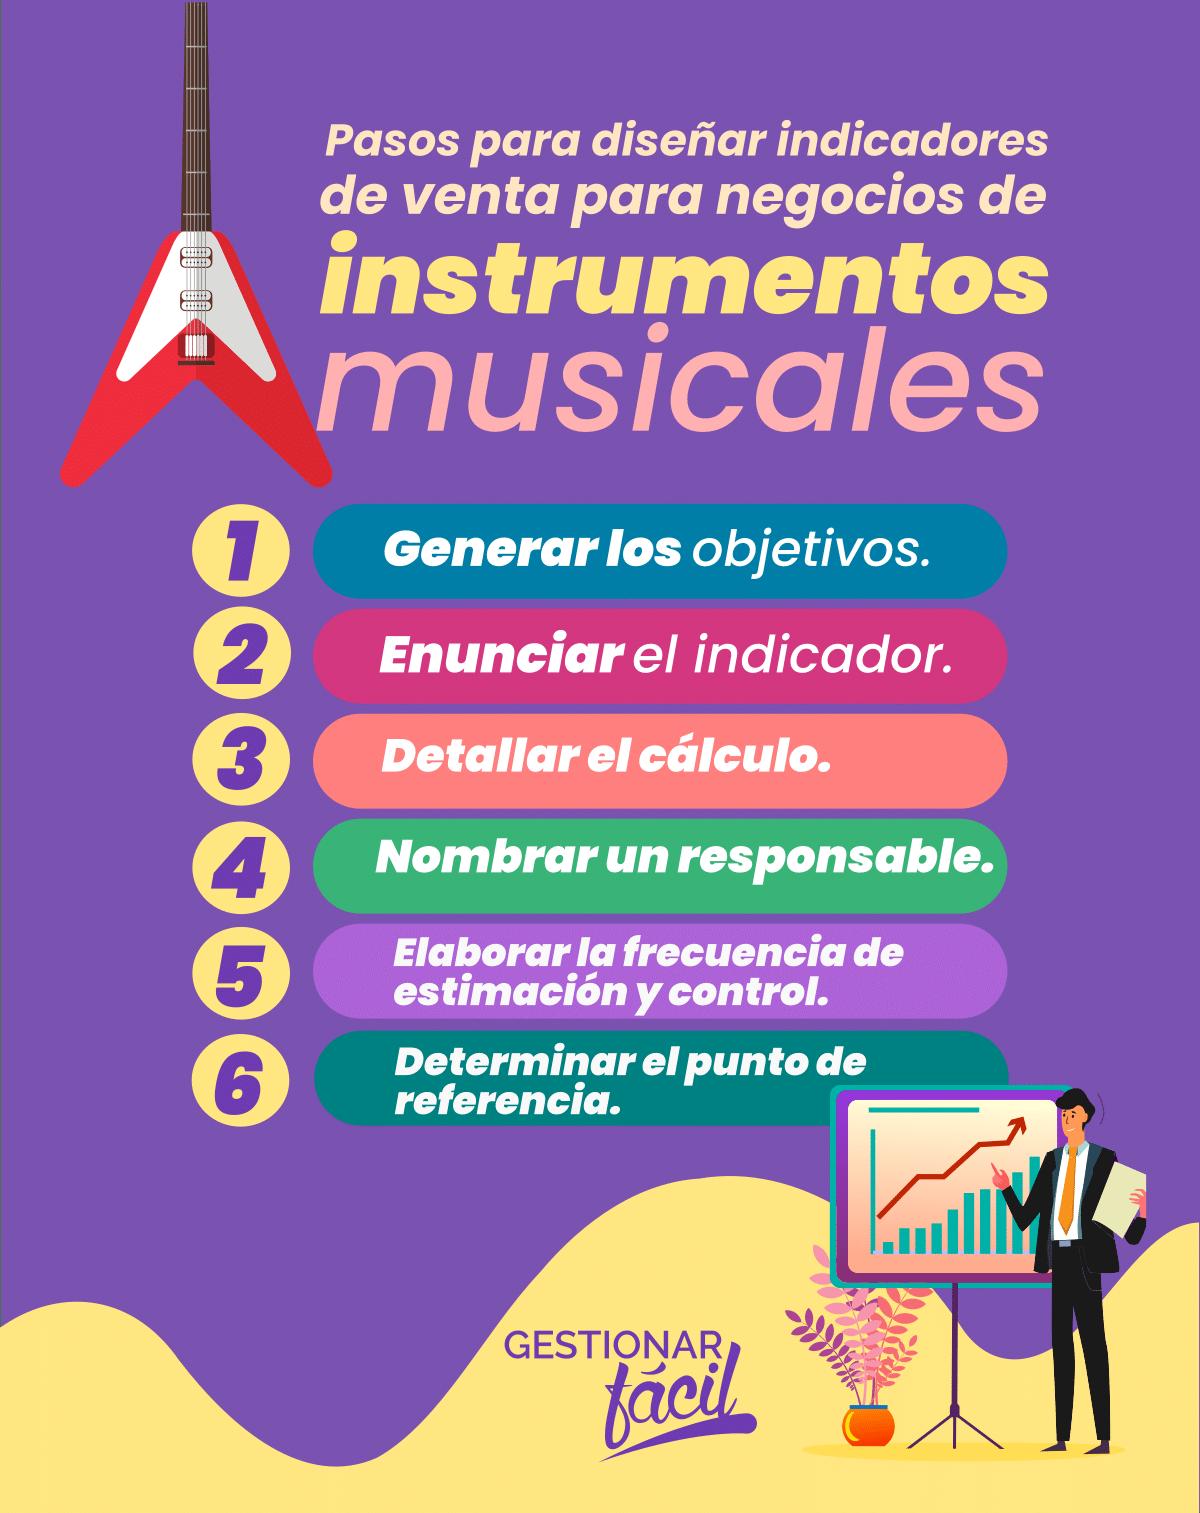 Diseño de indicadores de ventas para negocios de instrumentos musicales.